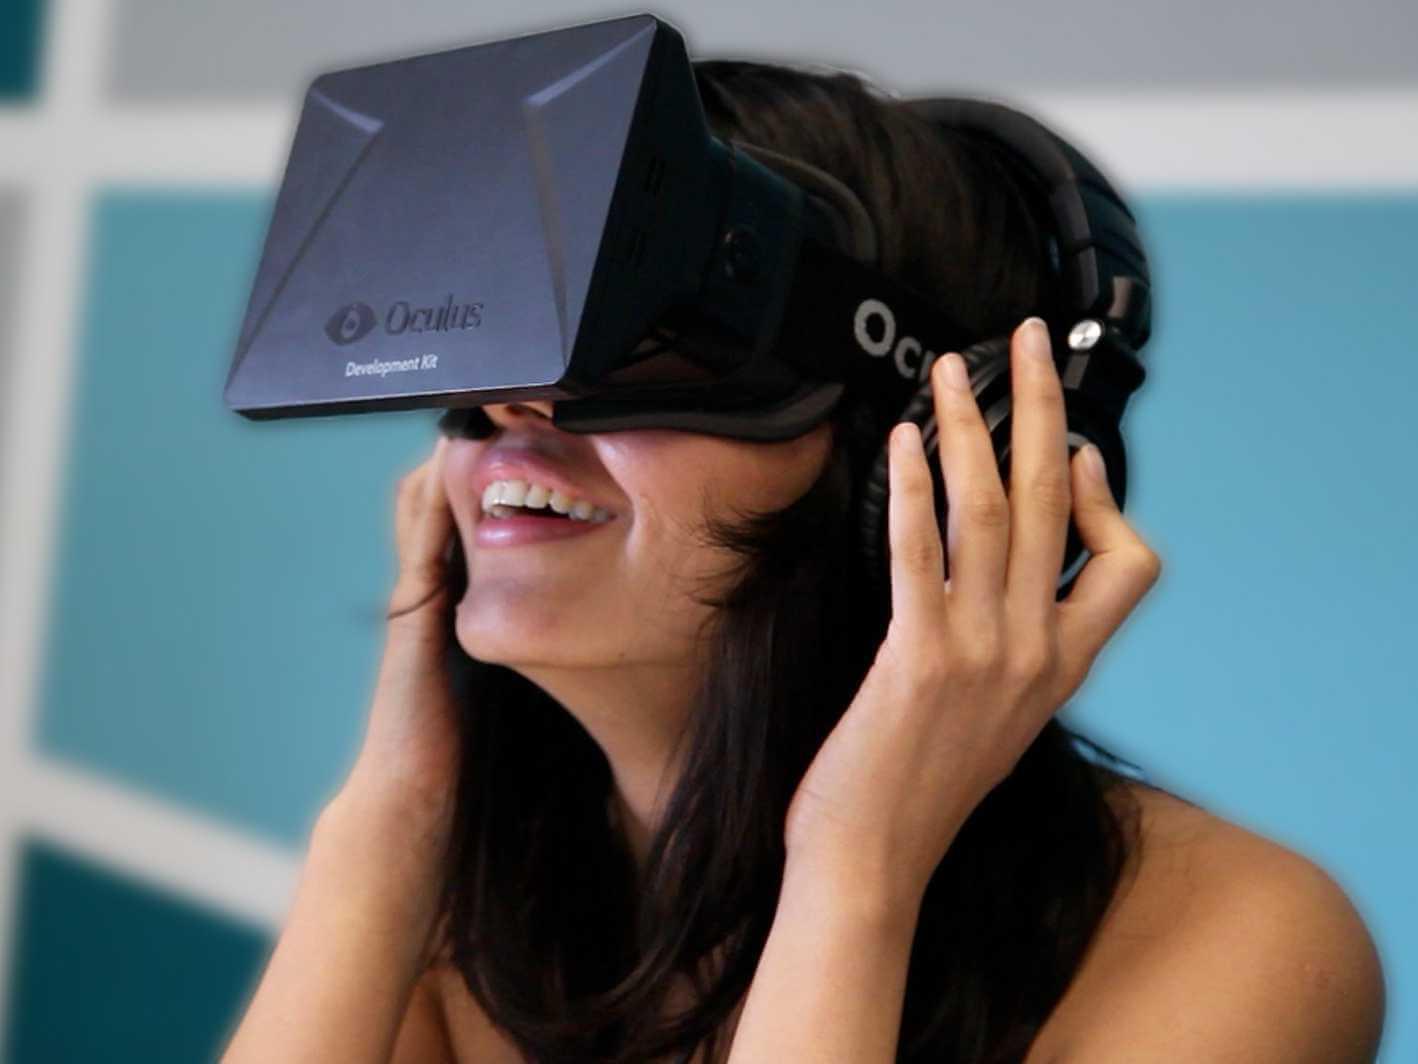 oculus-touch-rift-vr